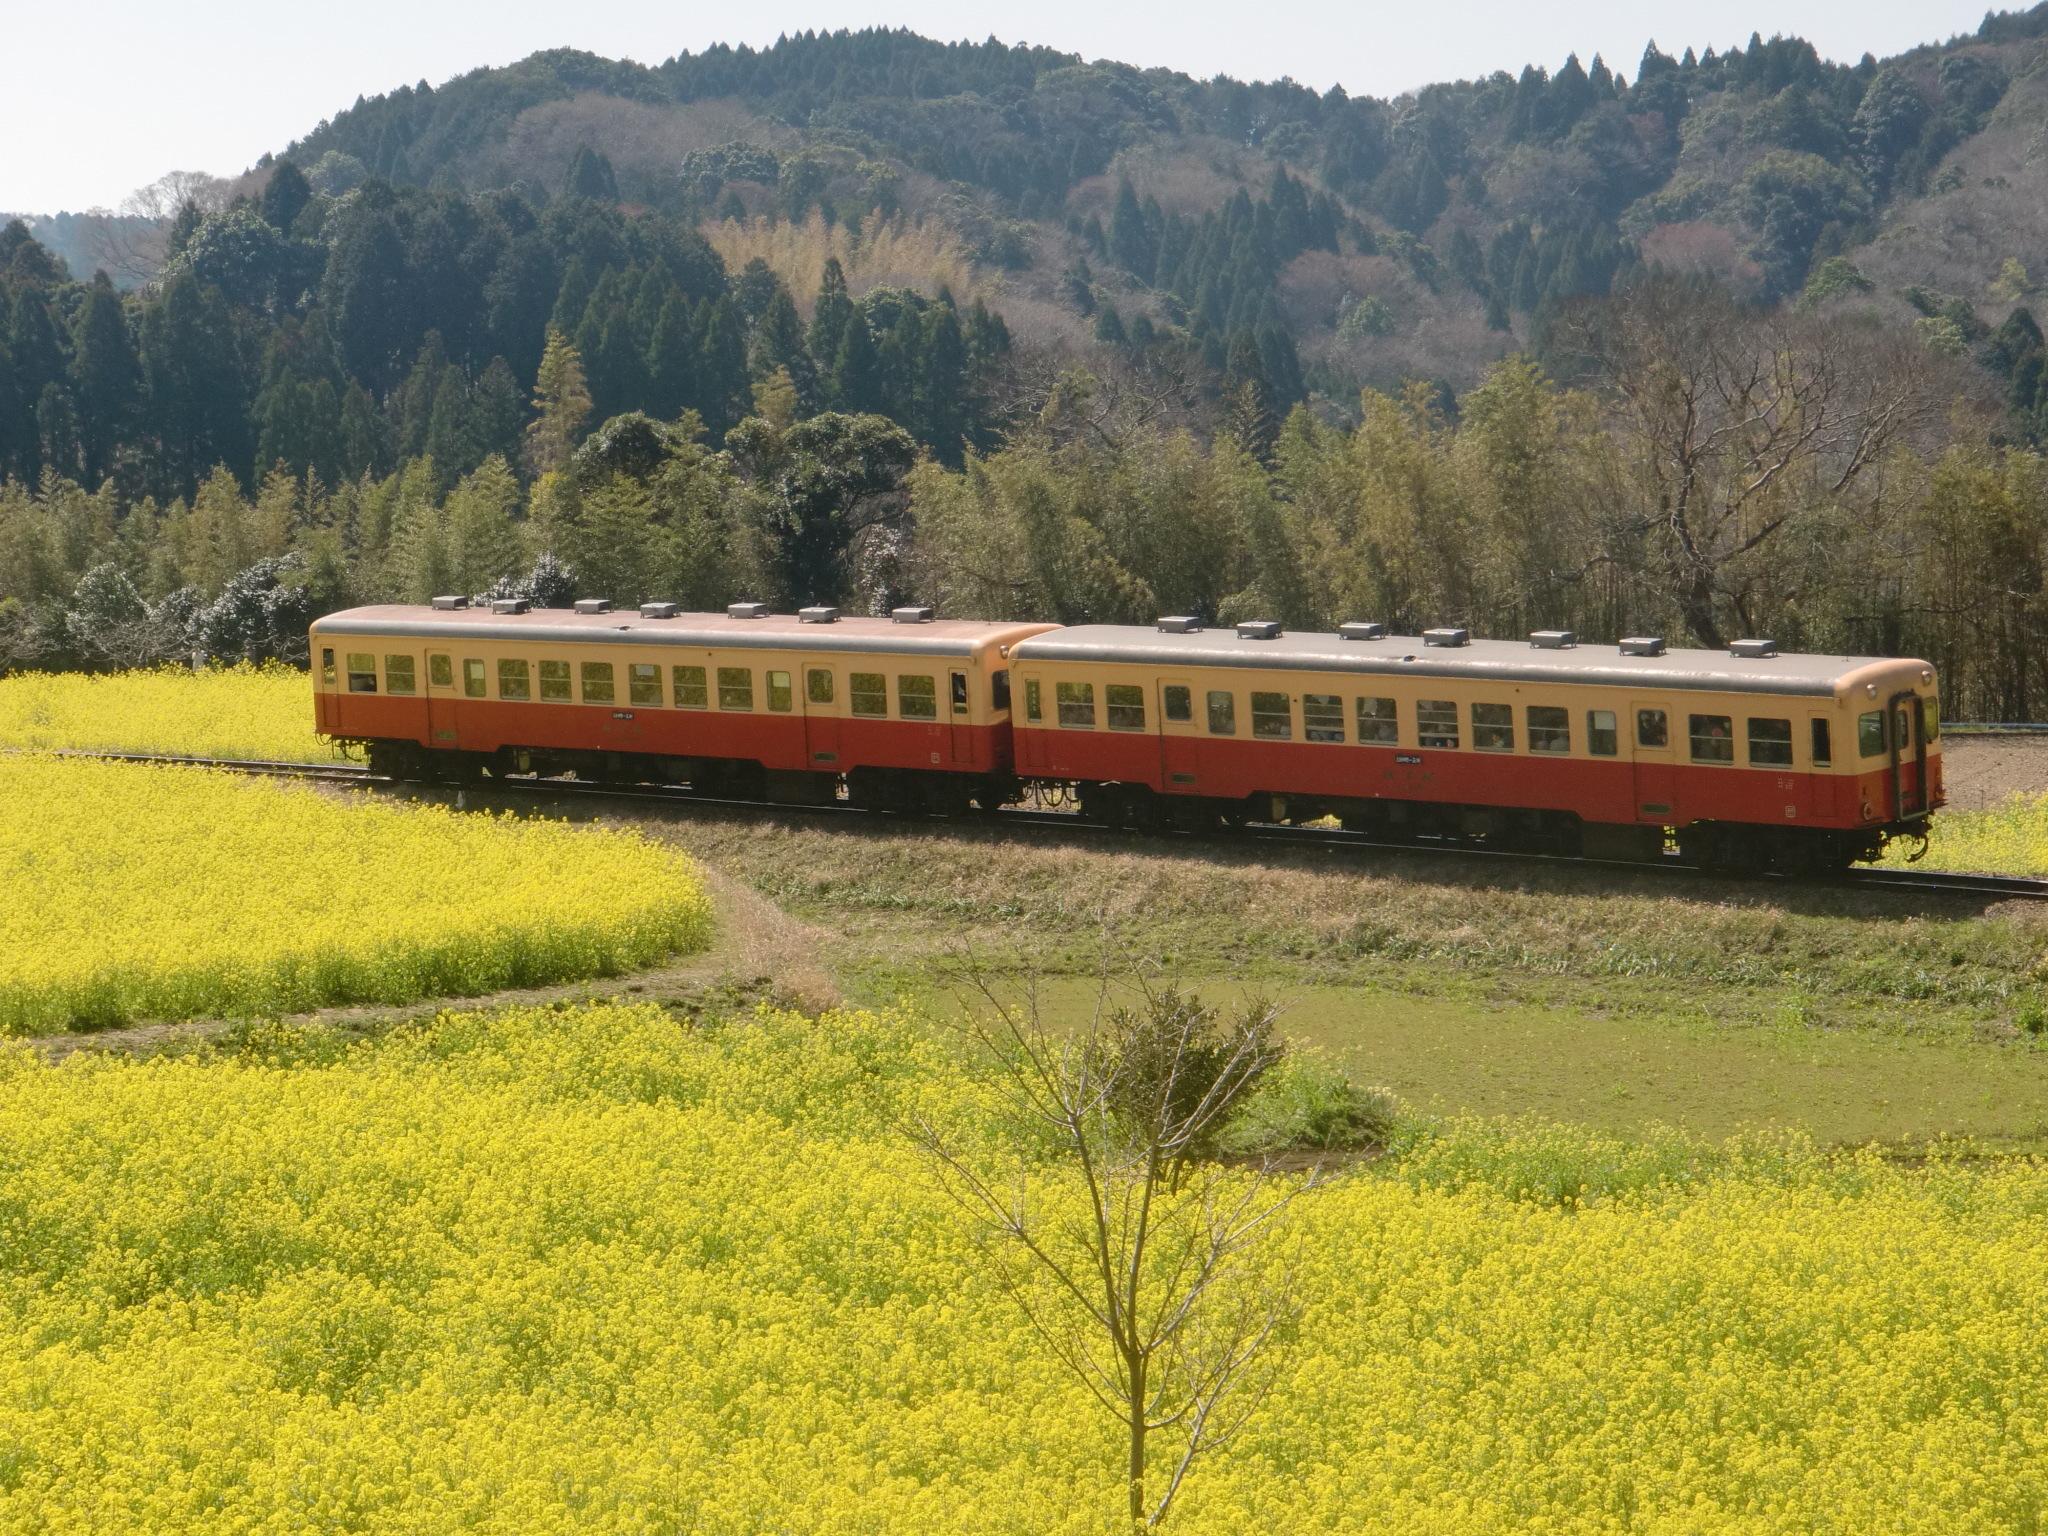 小湊鉄道 菜の花 列車